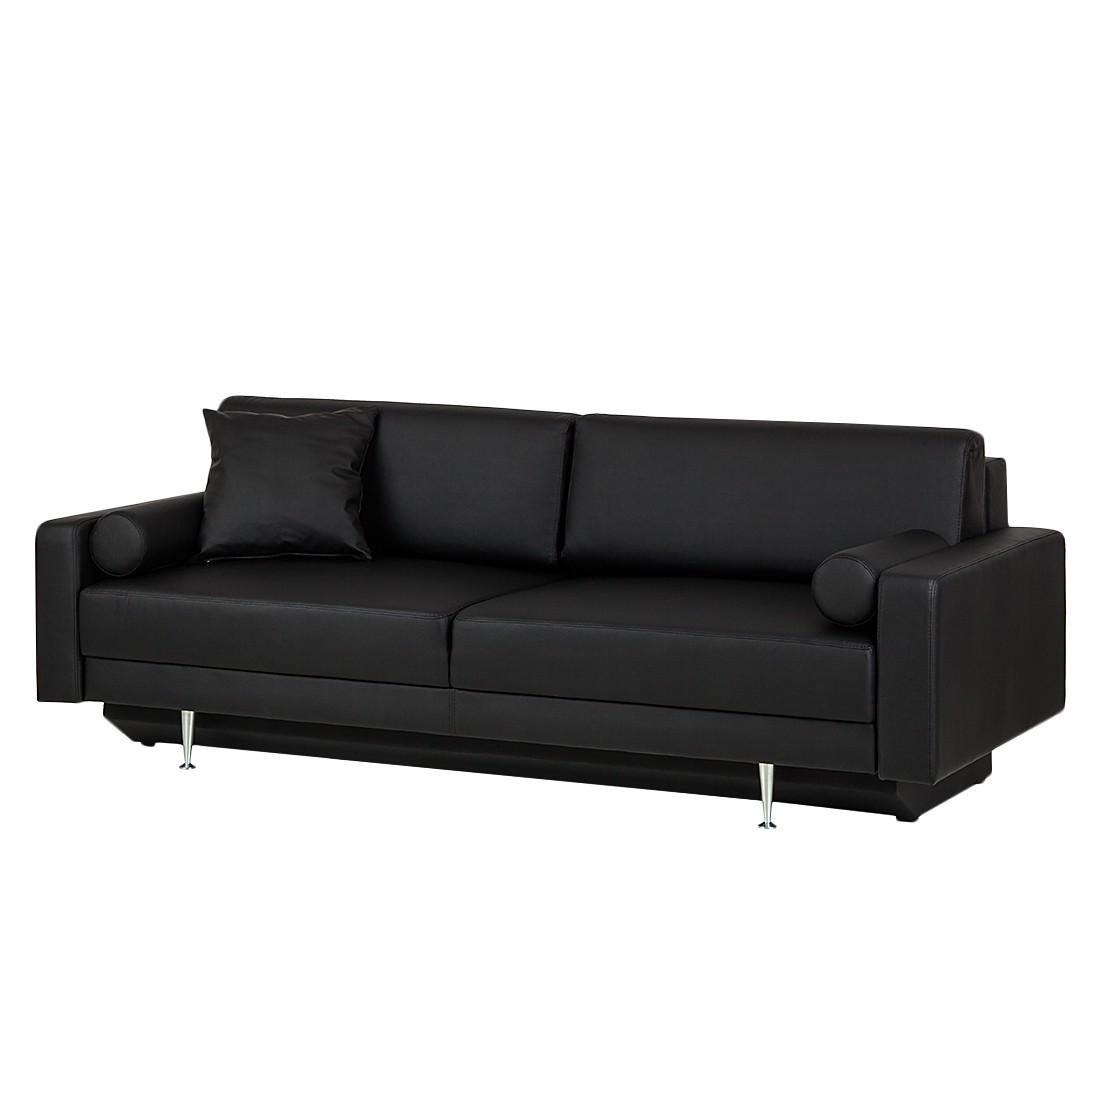 Canapé convertible Laval - Cuir synthétique noir, loftscape